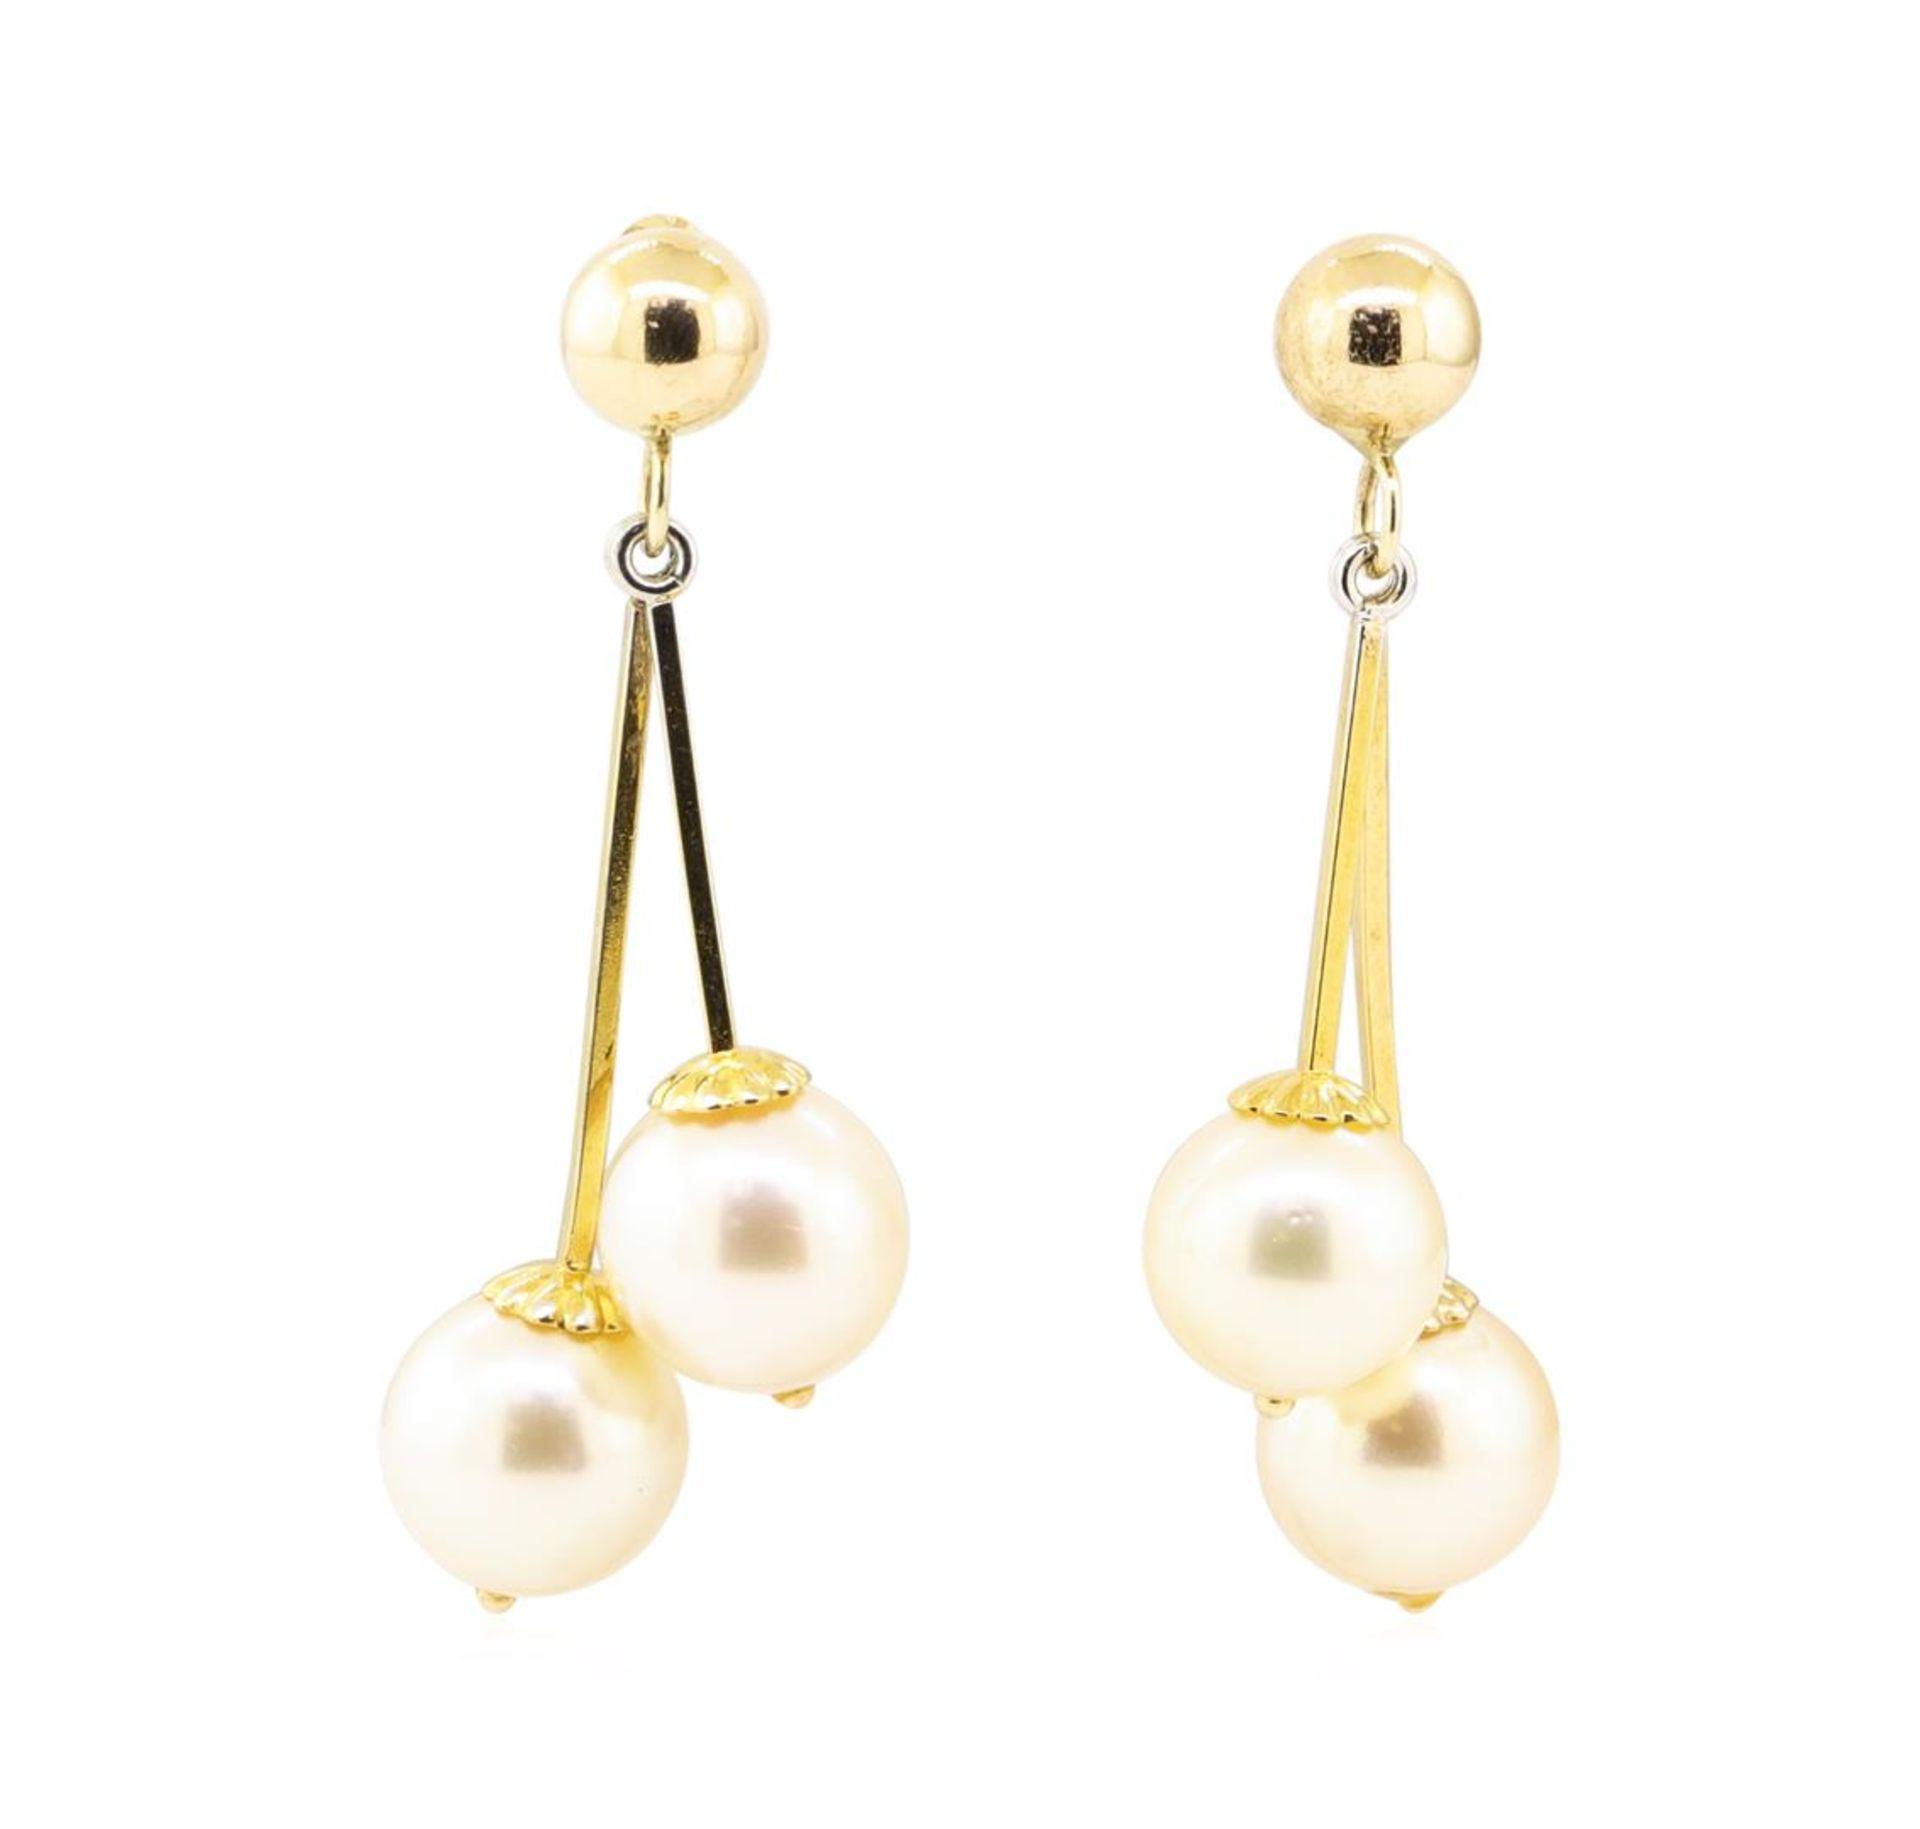 Pearl Double Dangle Earrings - 14KT Yellow Gold